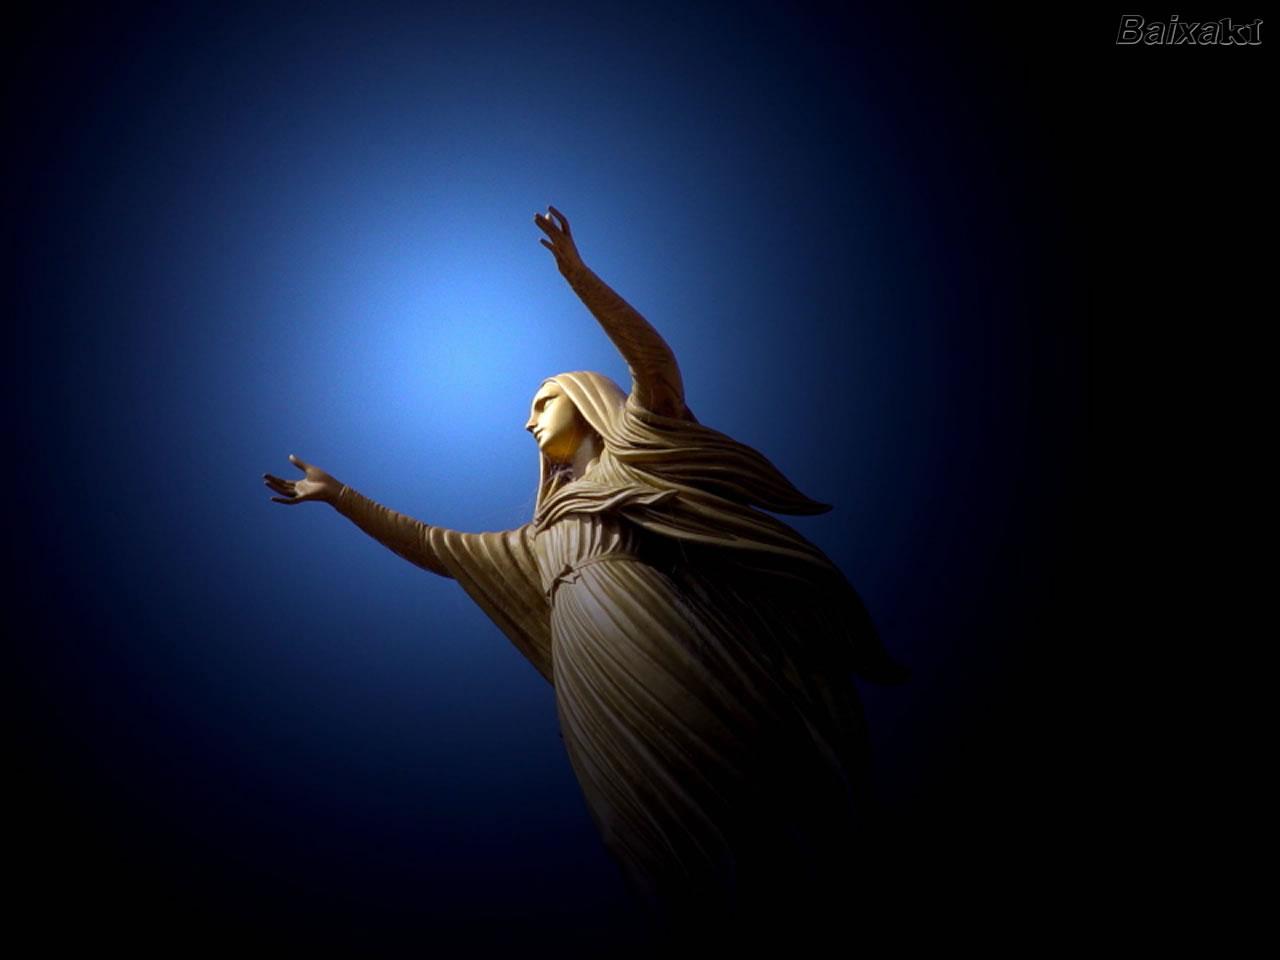 Se Eu Curvar Meu Corpo Na Dor Me A Frases Nossa: Memórias Para Sempre: Nossa Senhora... Cuida Do Meu Coração